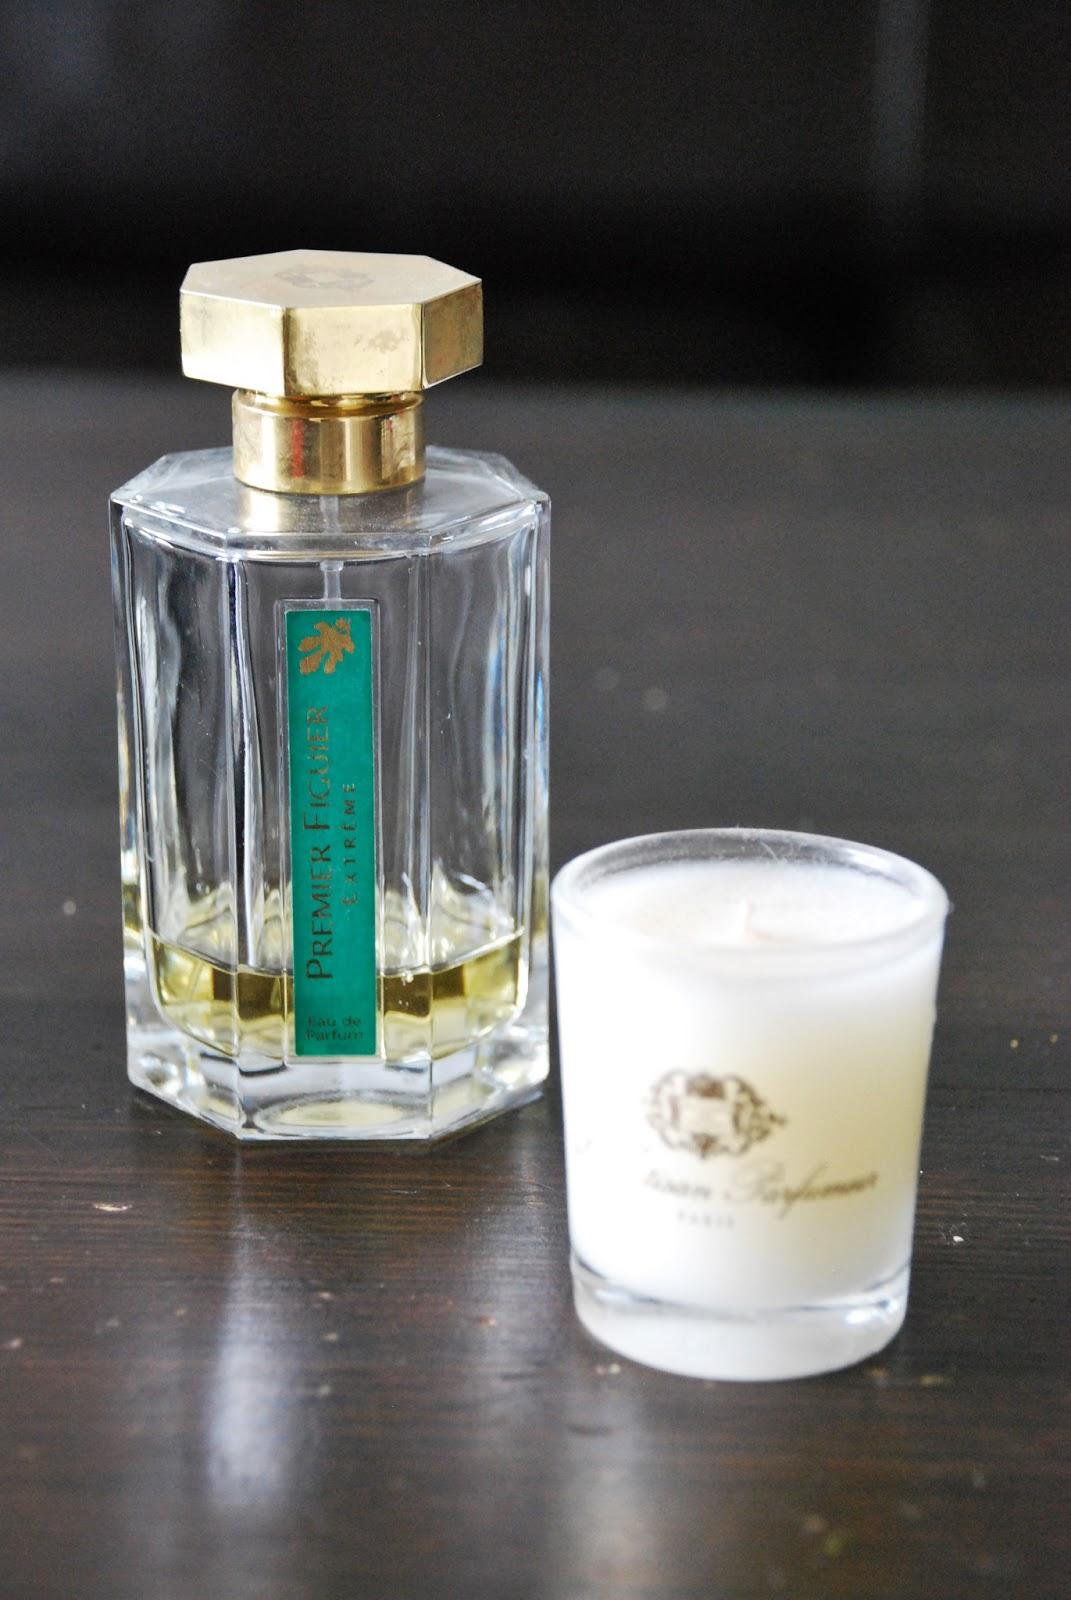 des figues la vanille l 39 artisan parfumeur gamme figuier. Black Bedroom Furniture Sets. Home Design Ideas